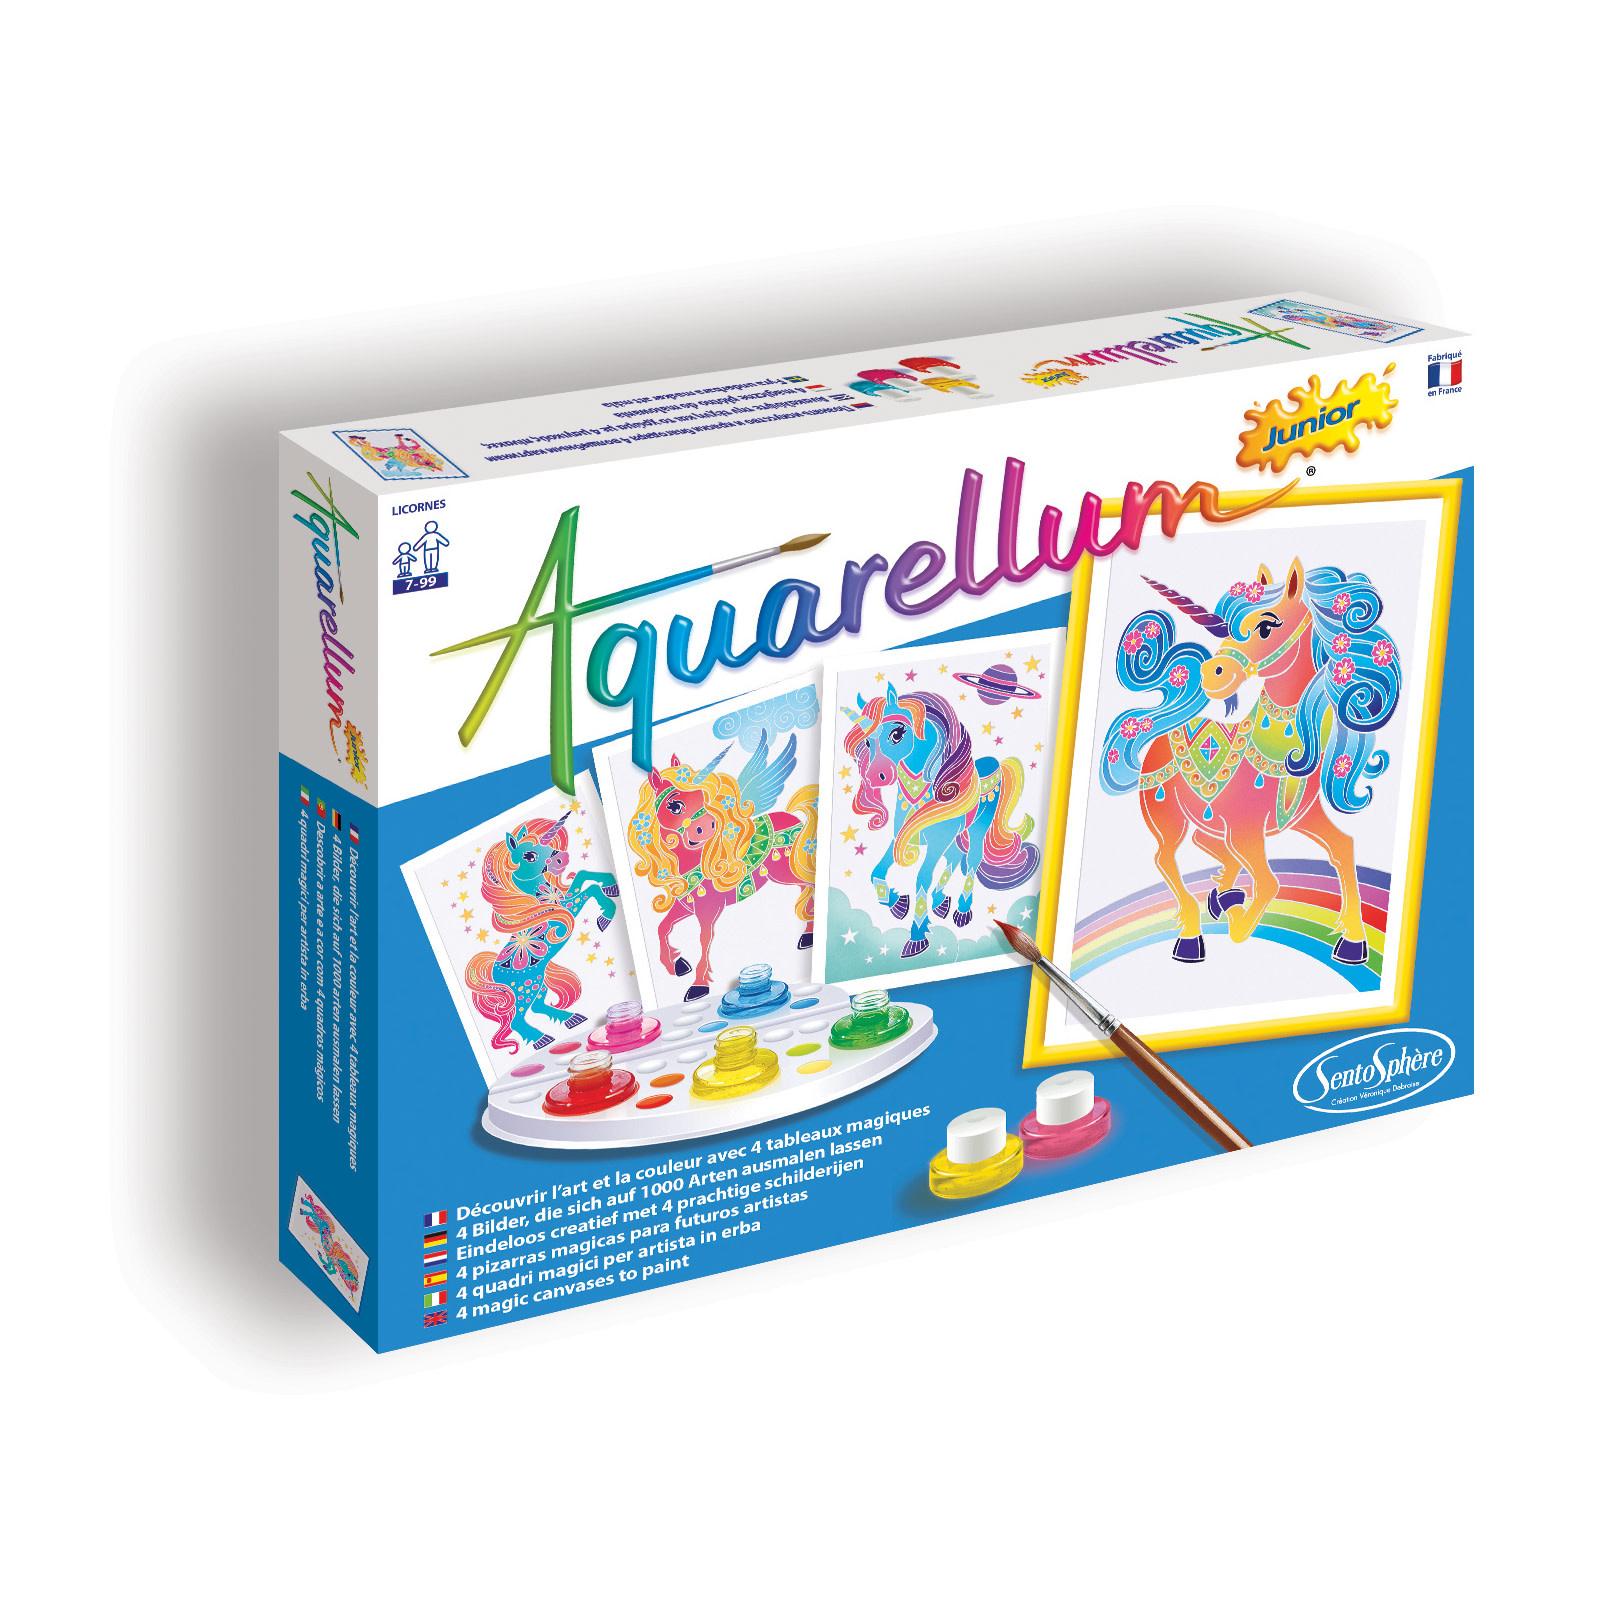 Aquarellum Junior Unicorns by Sentosphere